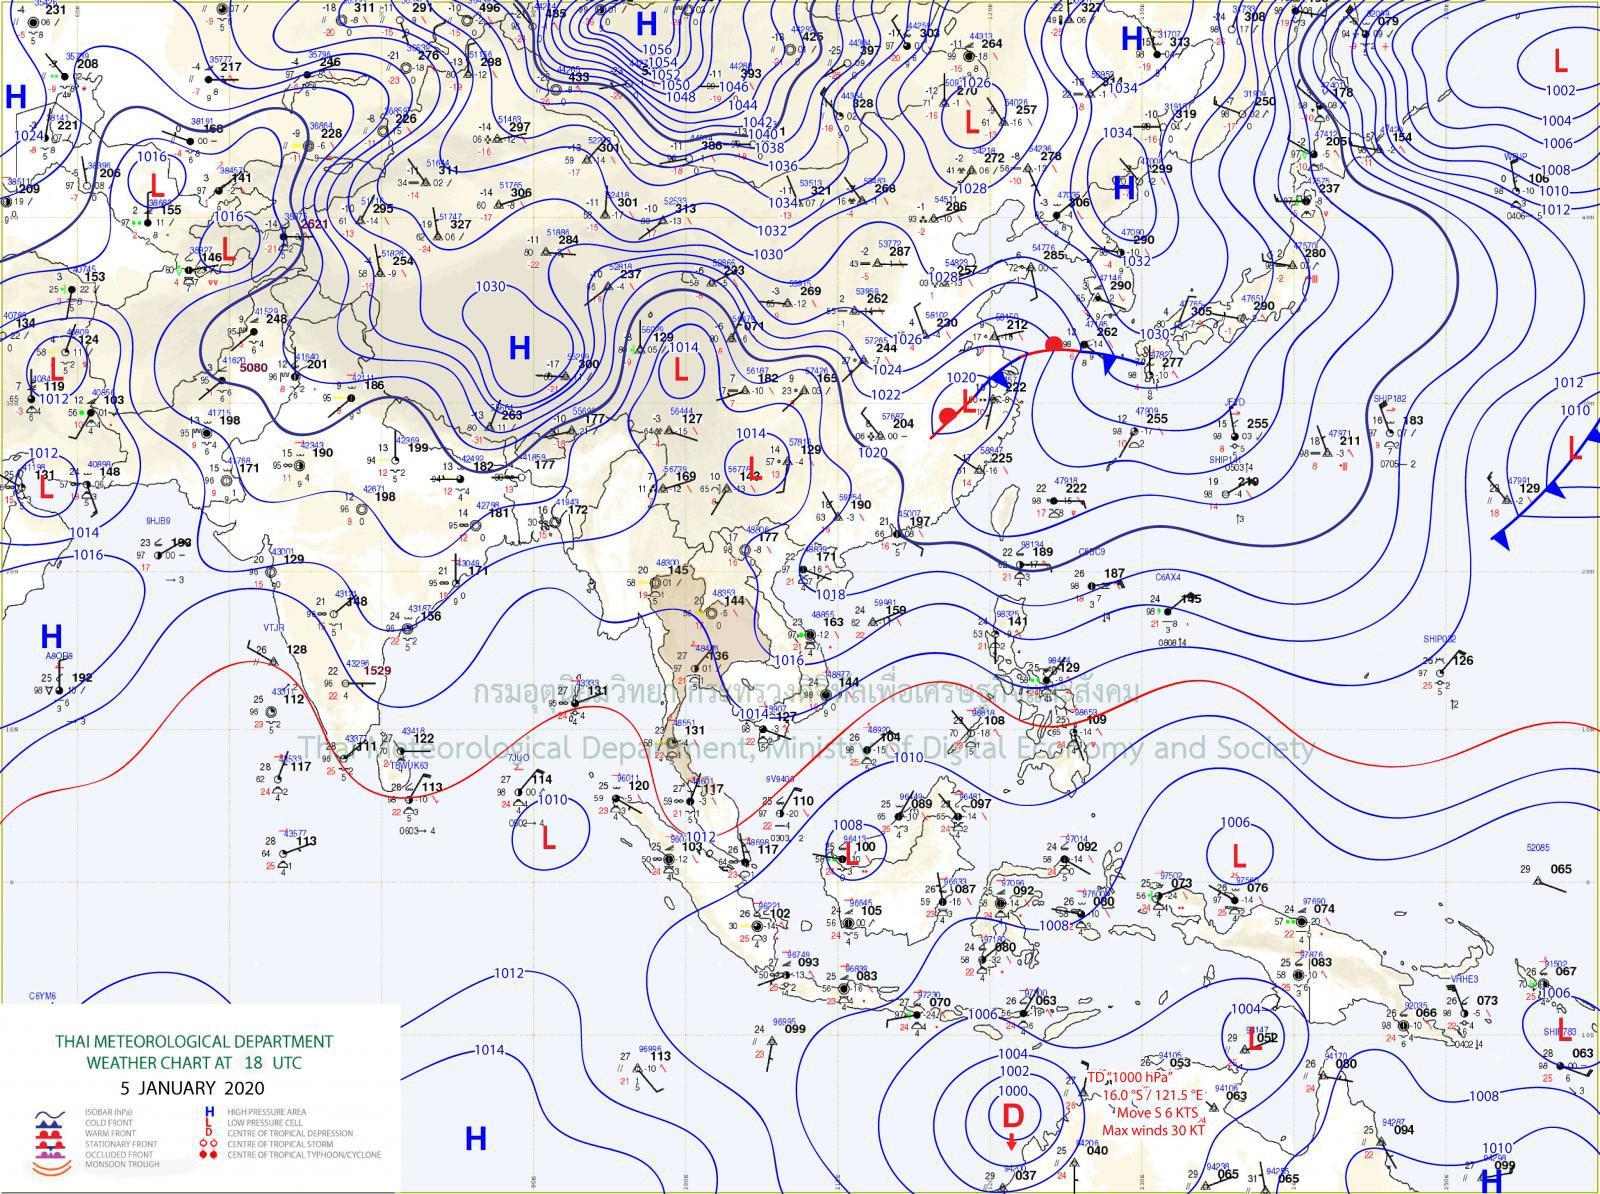 อุตุฯ เผย เหนือ-อีสานอากาศเย็น อ่าวไทยตอนล่างคลื่นสูง 2 ม.